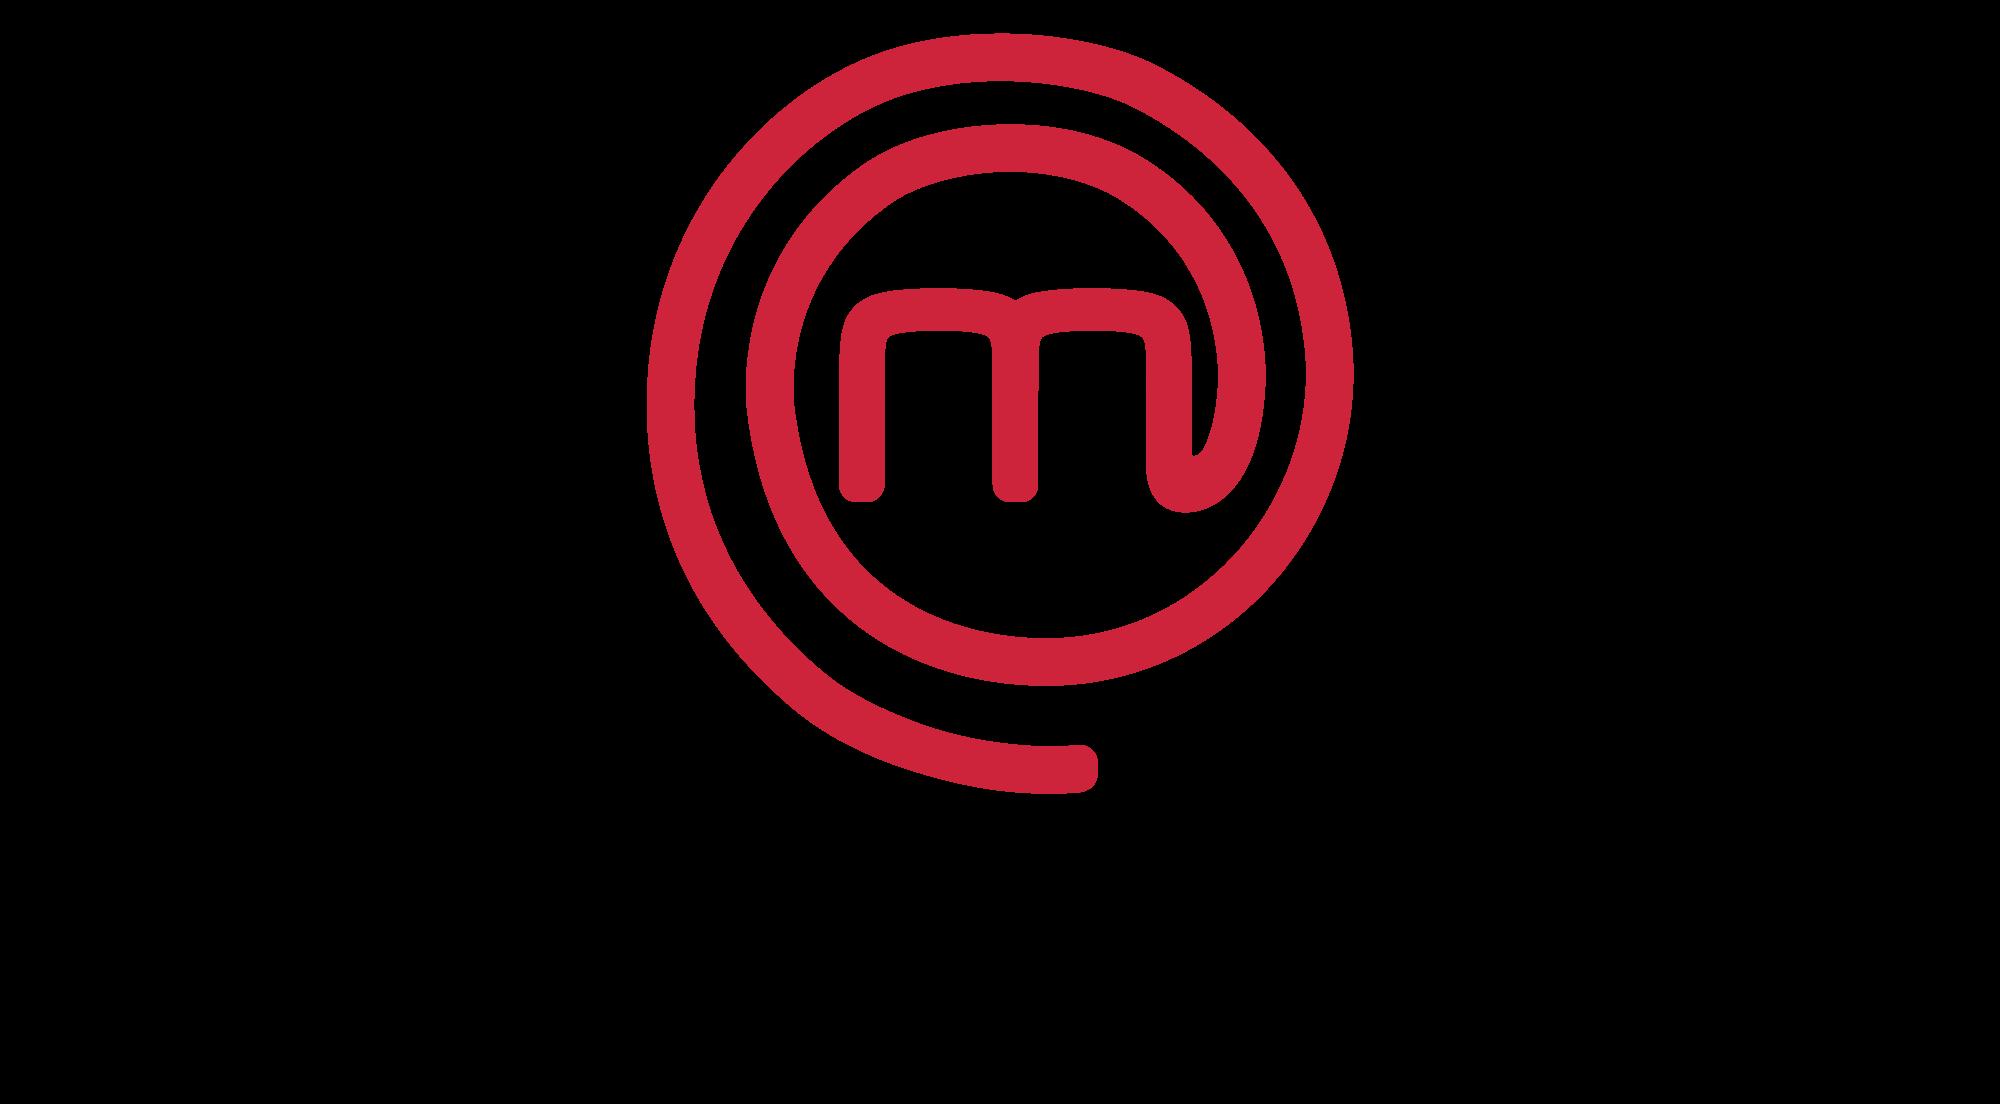 Clipart restaurant master chef. Masterchef logo using wordmark